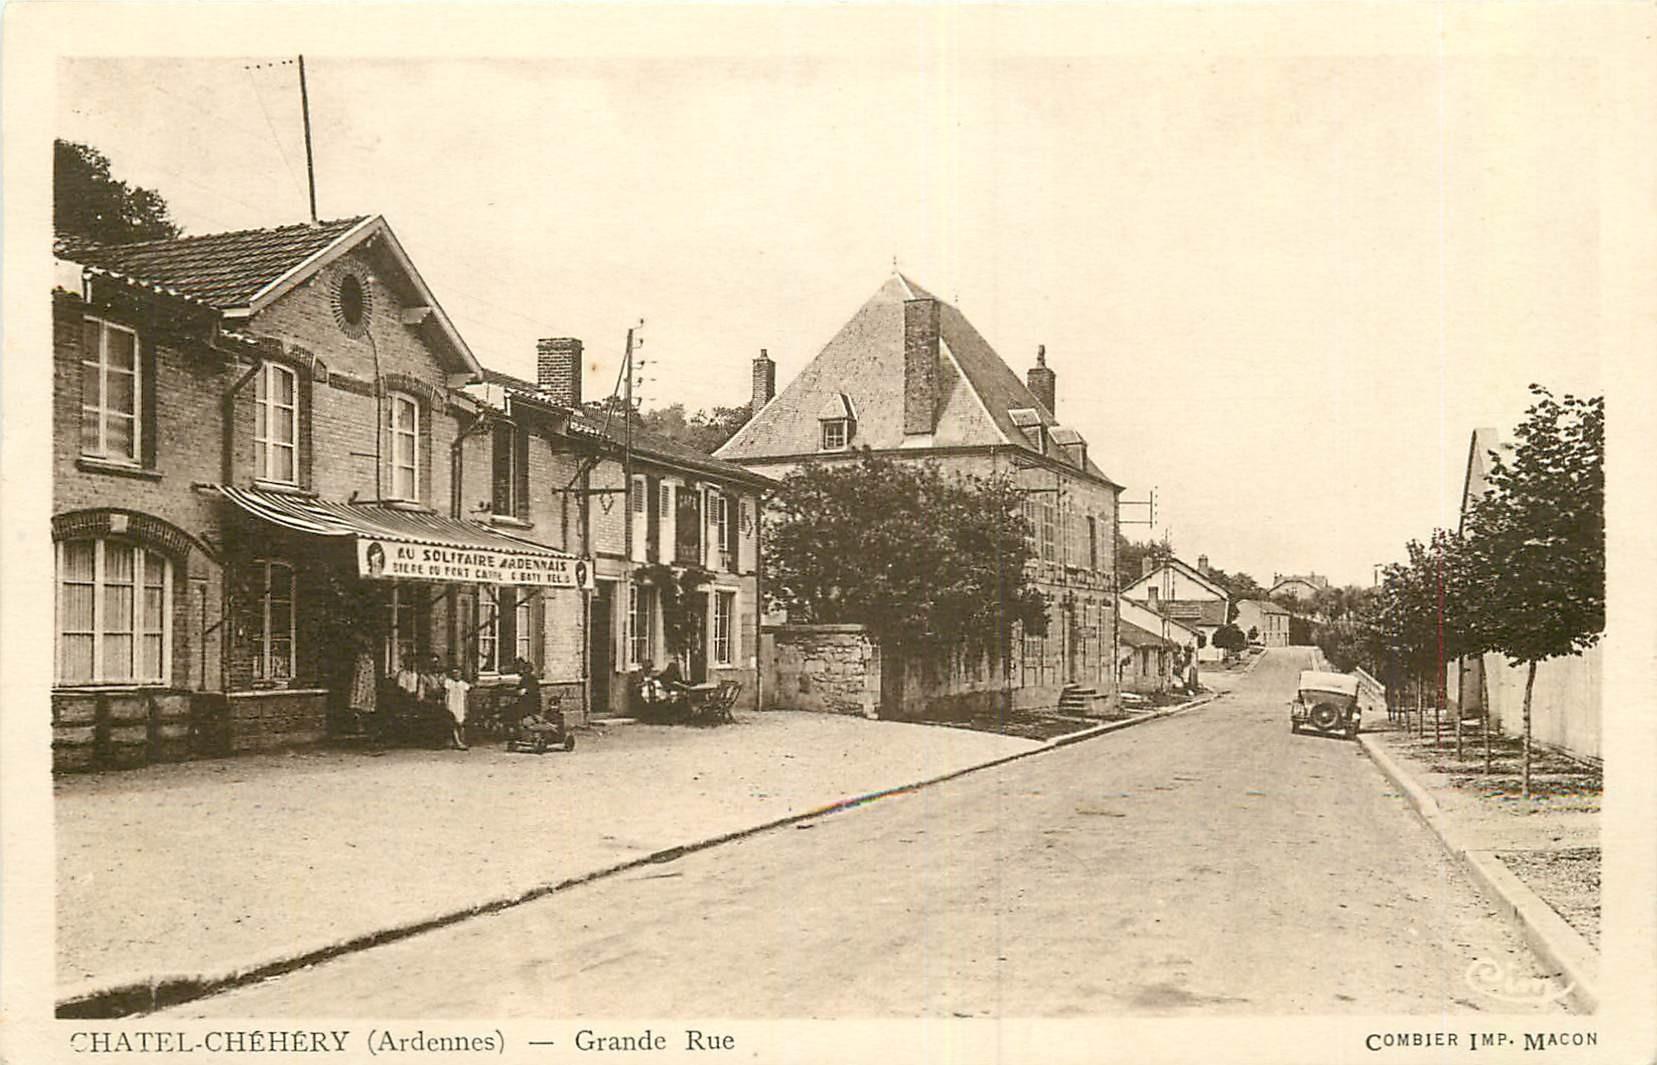 WW 08 CHATEL-CHEHERY. Café Au Solitaire ardennais sur Grande Rue